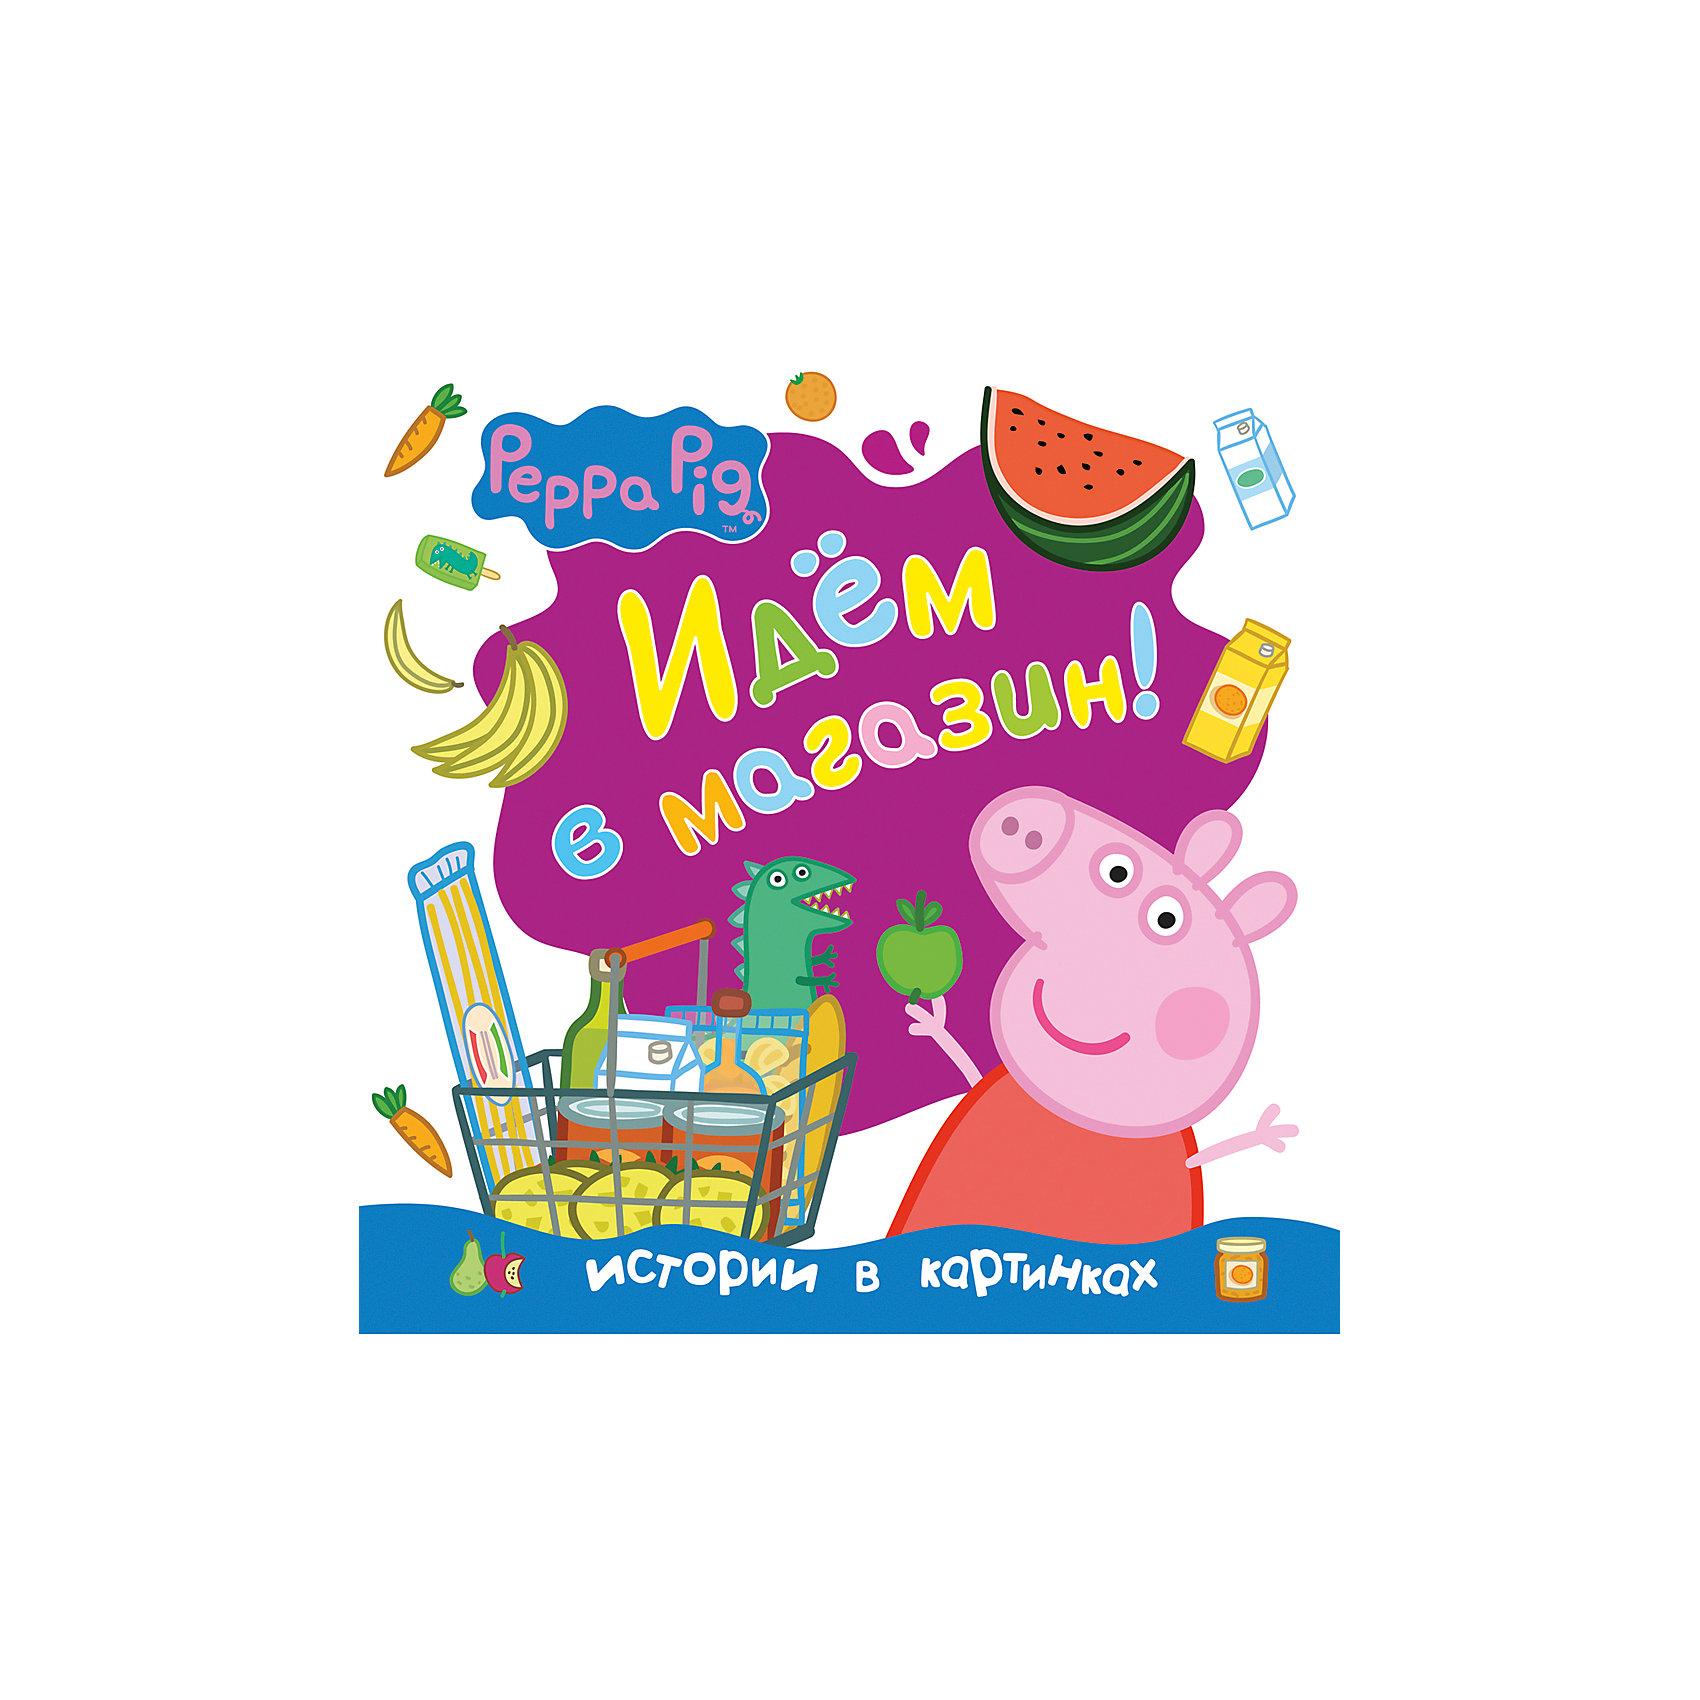 Истории в картинках Идём в магазин!, Свинка ПеппаИстории в картинках Идём в магазин!, Свинка Пеппа – удивительная история про свинку Пеппу и ее семью в красочной книге с твердой обложкой.<br>Где можно купить и овощи, и фрукты, и многие другие нужные вещи? Конечно, в магазине! Туда-то и отправилась Свинка Пеппа вместе со своей семьёй. О том, смогут ли они точно следовать списку покупок, ребенок узнает, прочитав увлекательную историю. Повествование сопровождается красочными иллюстрациями и интересными диалогами. Благодаря крупному шрифту и несложным текстам издание отлично подойдет в качестве первой книги для чтения, а малыши, еще не умеющие читать, смогут слушать сказку и рассматривать красивые картинки. Веселая история про свинку Пеппу подарит вашему ребенку массу положительных эмоций.<br><br>Дополнительная информация:<br><br>- Редактор: Смилевска Л.<br>- Издательство: Росмэн<br>- Тип обложки: твердый переплет<br>- Иллюстрации: цветные<br>- Количество страниц: 36 (мелованная)<br>- Размер: 225х226х5 мм.<br>- Вес: 297 гр.<br><br>Книгу Истории в картинках Идём в магазин!, Свинка Пеппа можно купить в нашем интернет-магазине.<br><br>Ширина мм: 225<br>Глубина мм: 226<br>Высота мм: 5<br>Вес г: 297<br>Возраст от месяцев: 24<br>Возраст до месяцев: 60<br>Пол: Унисекс<br>Возраст: Детский<br>SKU: 4565560